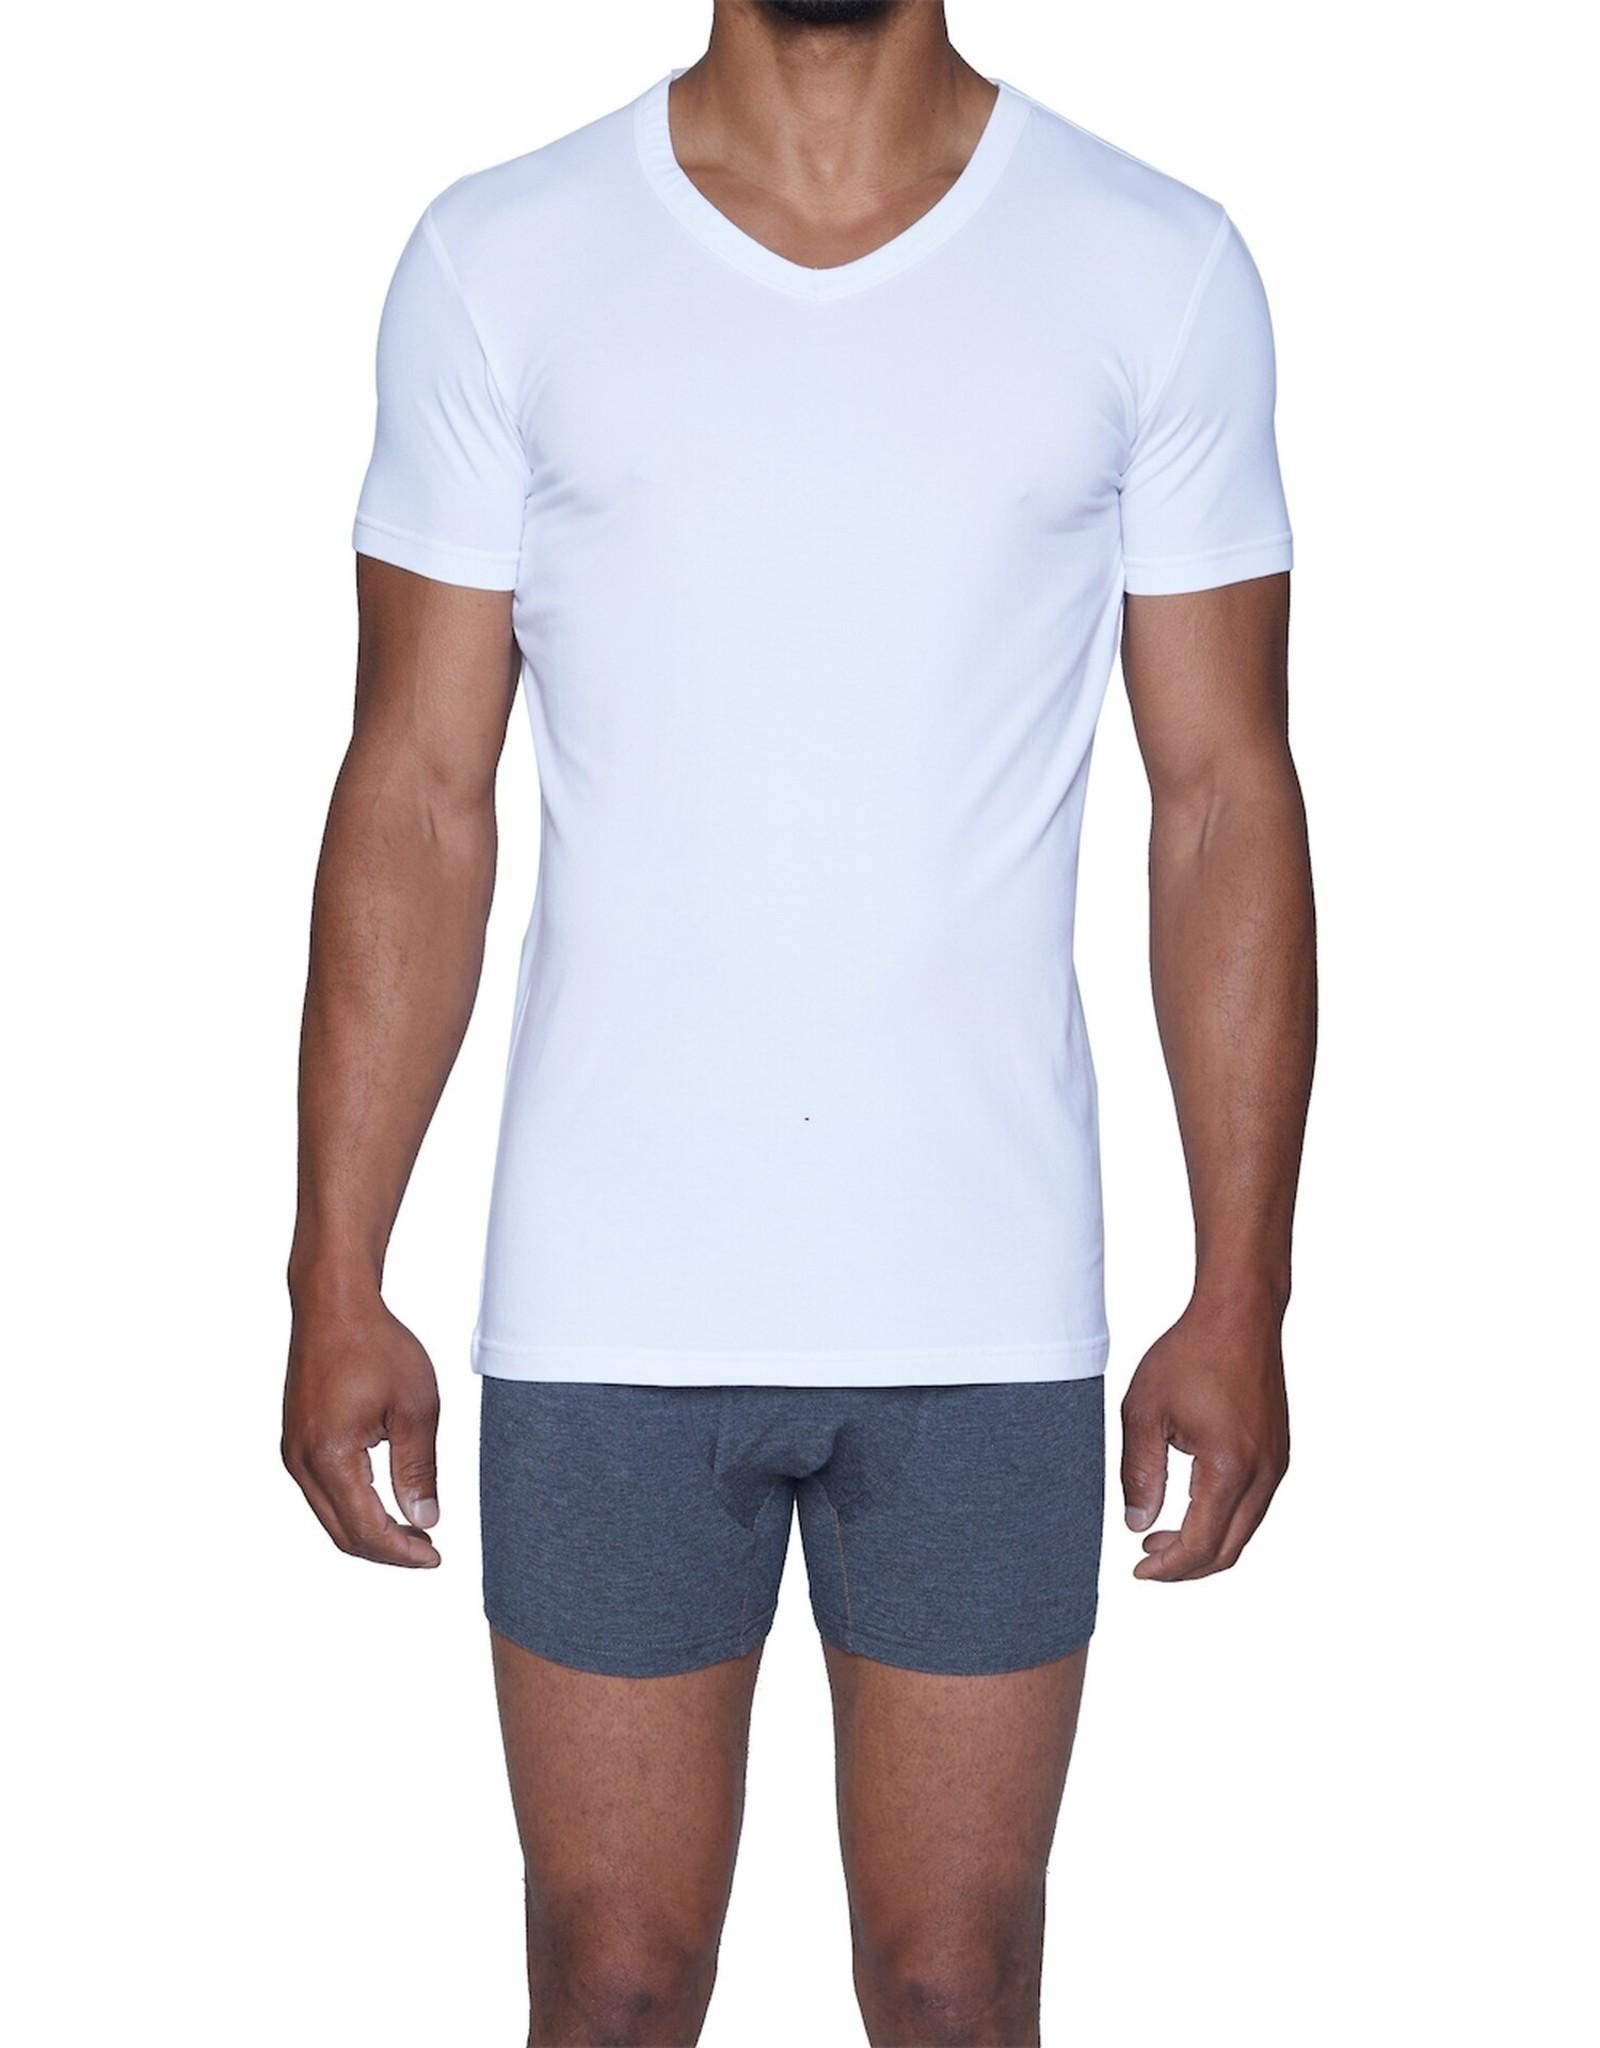 Wood Underwear V Neck Undershirt